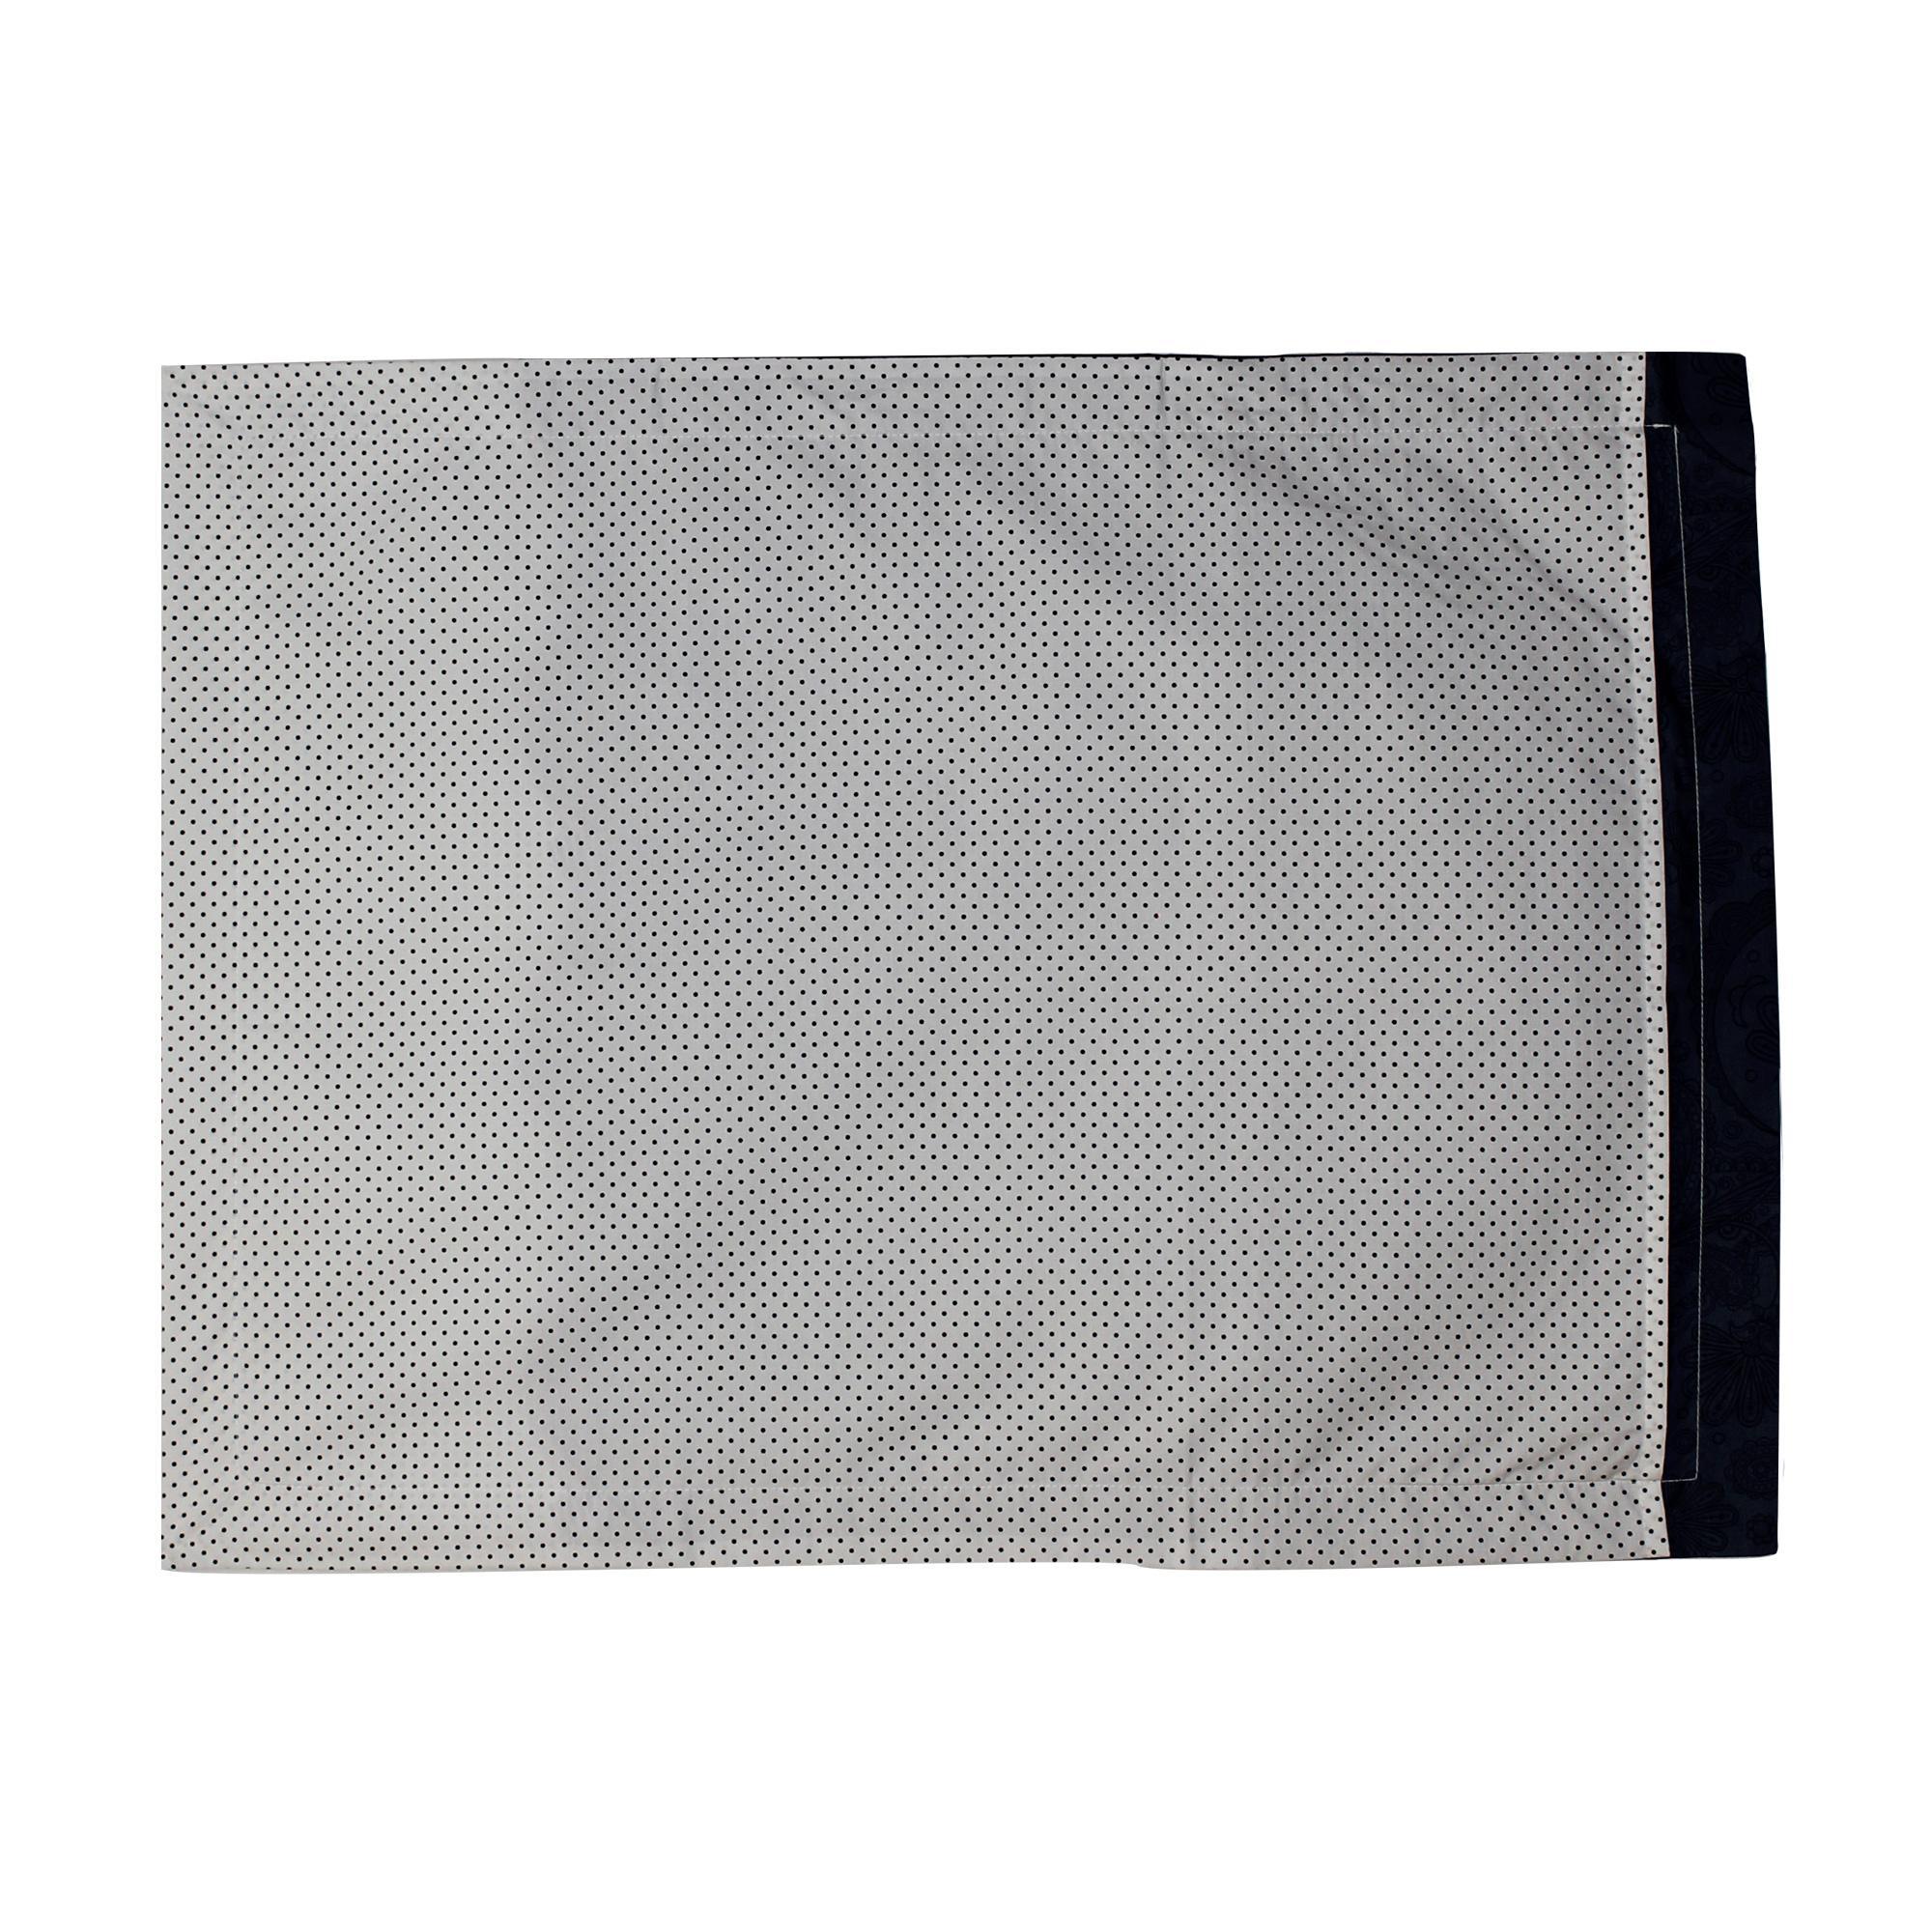 taie d 39 oreiller 70x50 cm percale pur coton sensuel eur 15 52 picclick fr. Black Bedroom Furniture Sets. Home Design Ideas